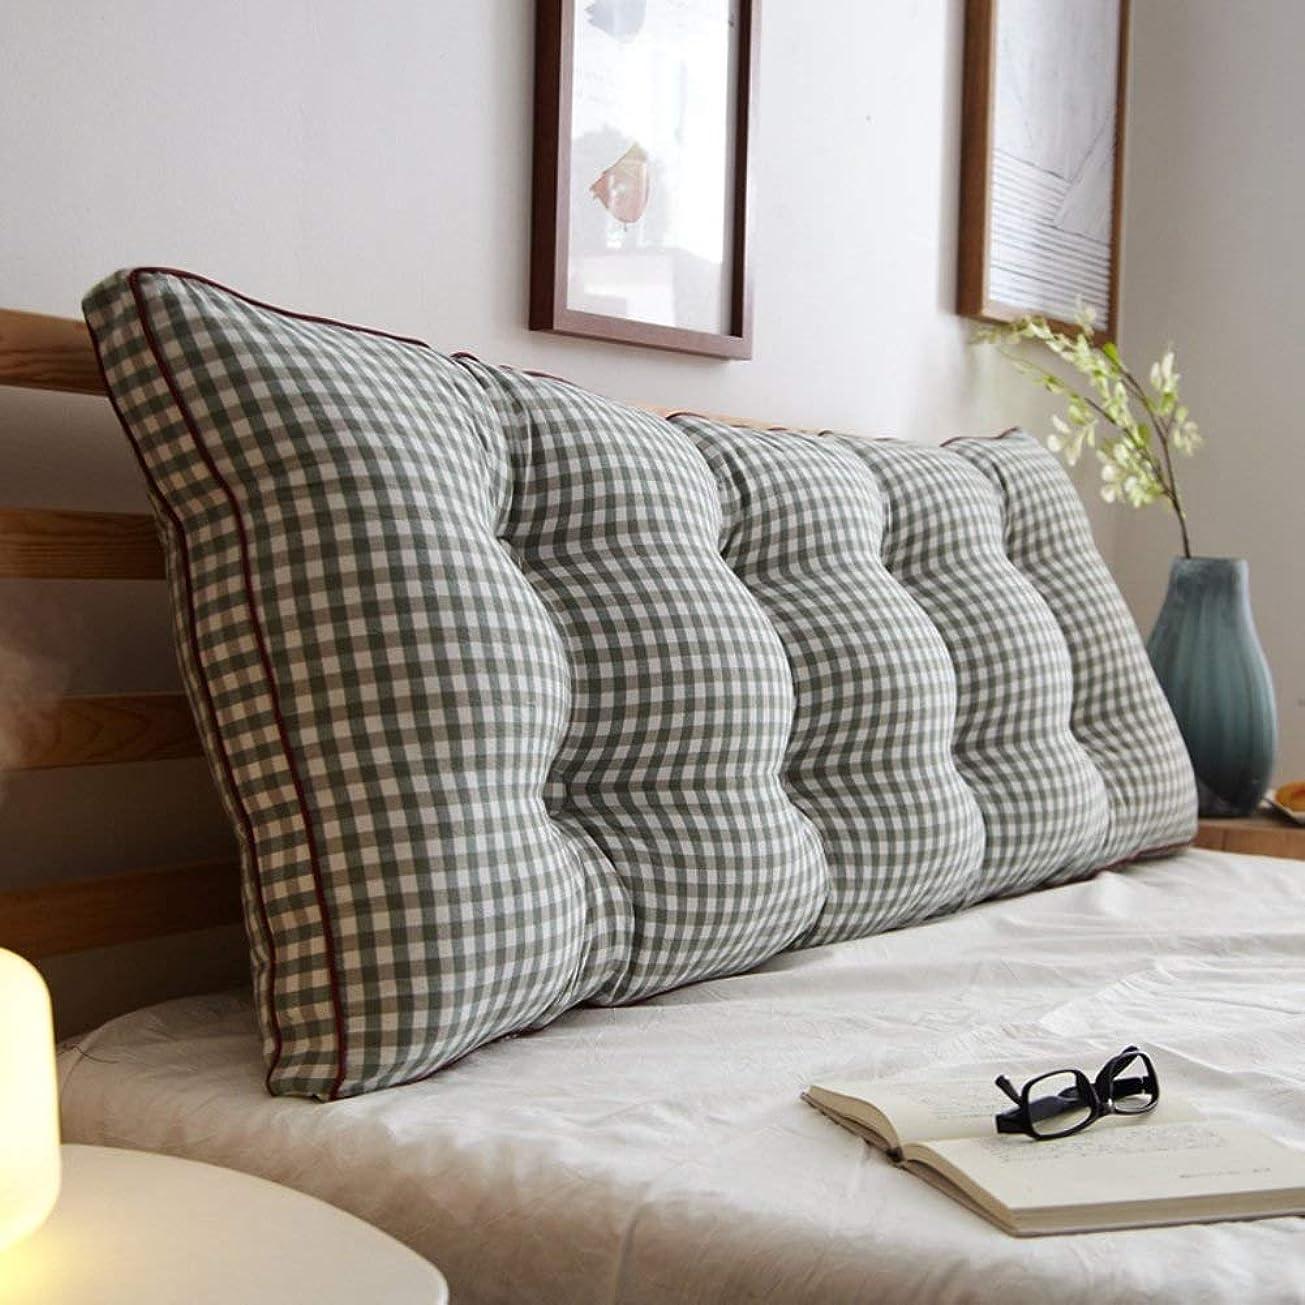 ラリーベルモントフレッシュ常に取り外し可能なベッドサイドバッククッション、ソファベッドの布張りをしたヘッドボード、ソフト畳ダブル大腰椎サポートクッション (Color : T, Size : 180x20x50cm(71x8x20inch))